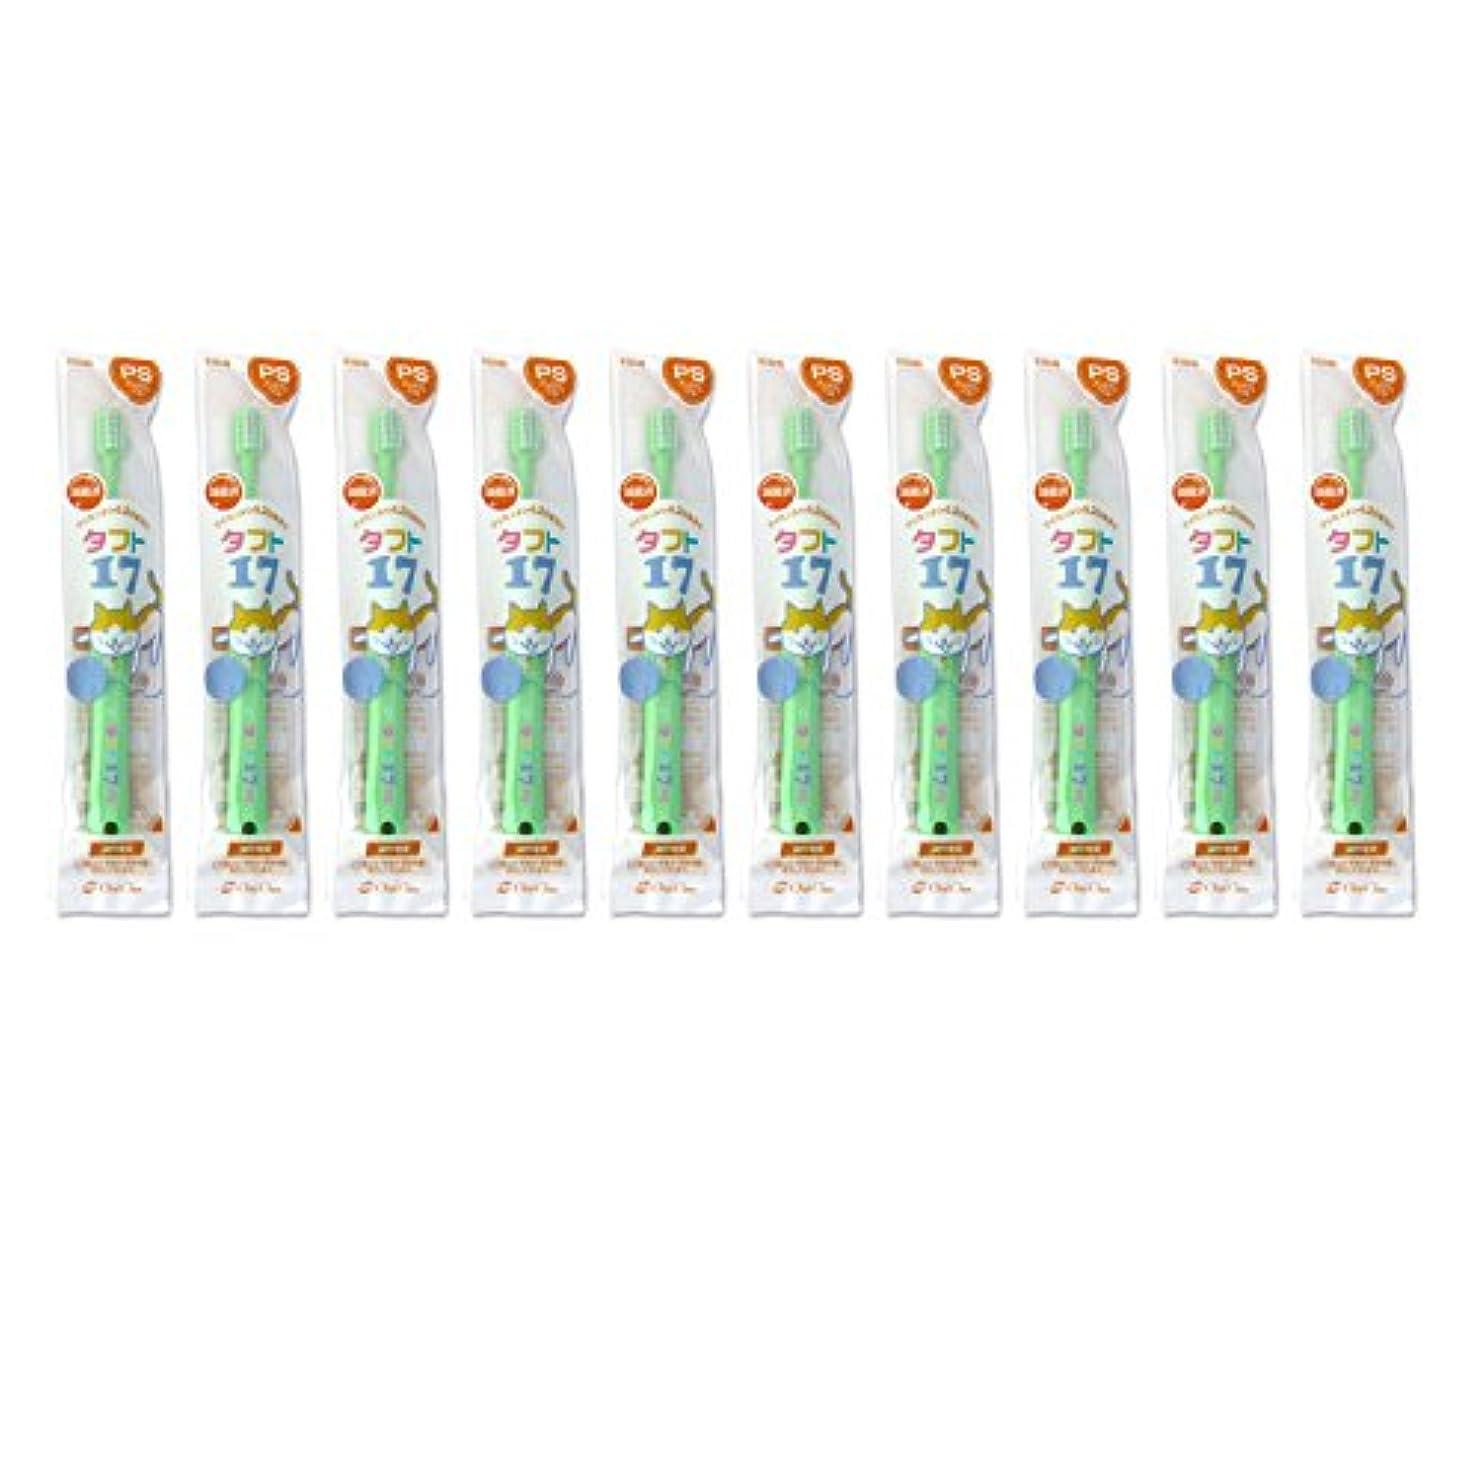 恵み同じ業界タフト17 10本 オーラルケア タフト17/プレミアムソフト 子供 タフト 乳歯列期(1~7歳)こども歯ブラシ 10本セット グリーン